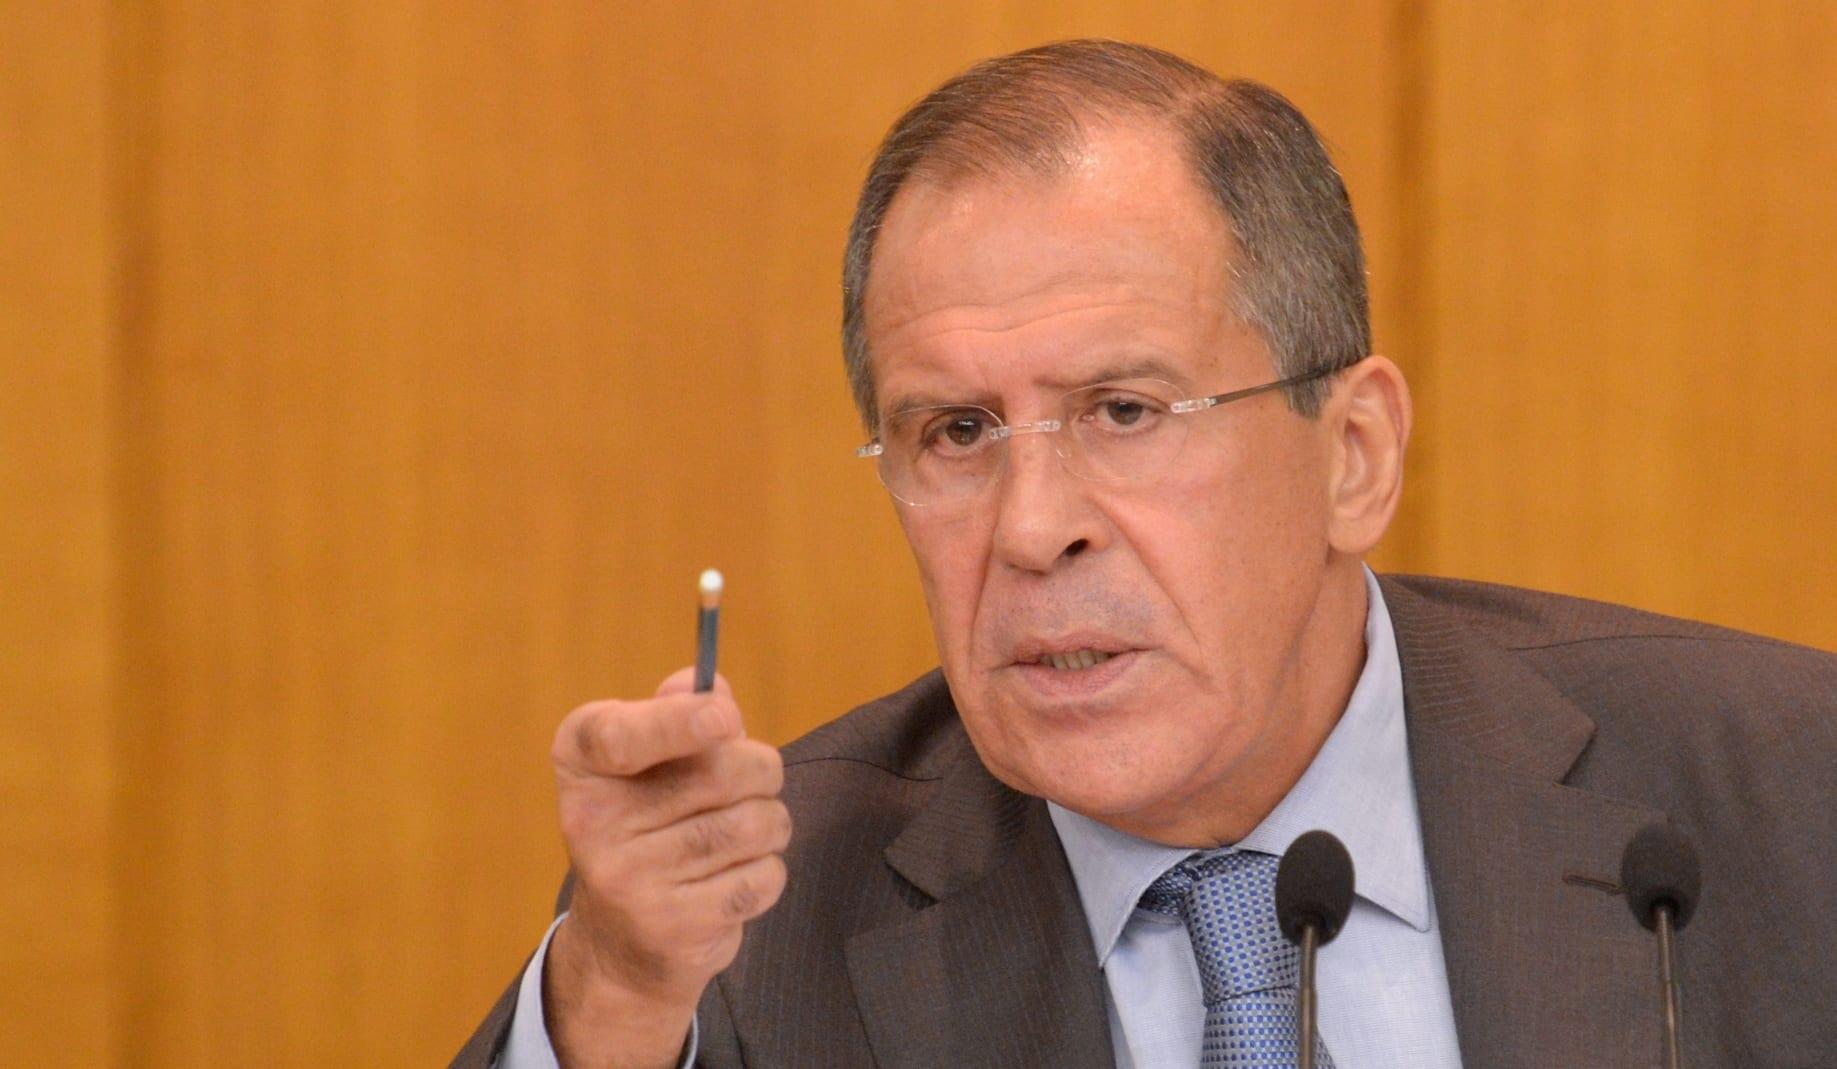 """لافروف: مشكلة الكيماوي في سوريا """"حلّت بنجاح"""".. والاتهامات الموجهة للنظام """"لا أساس لها"""""""